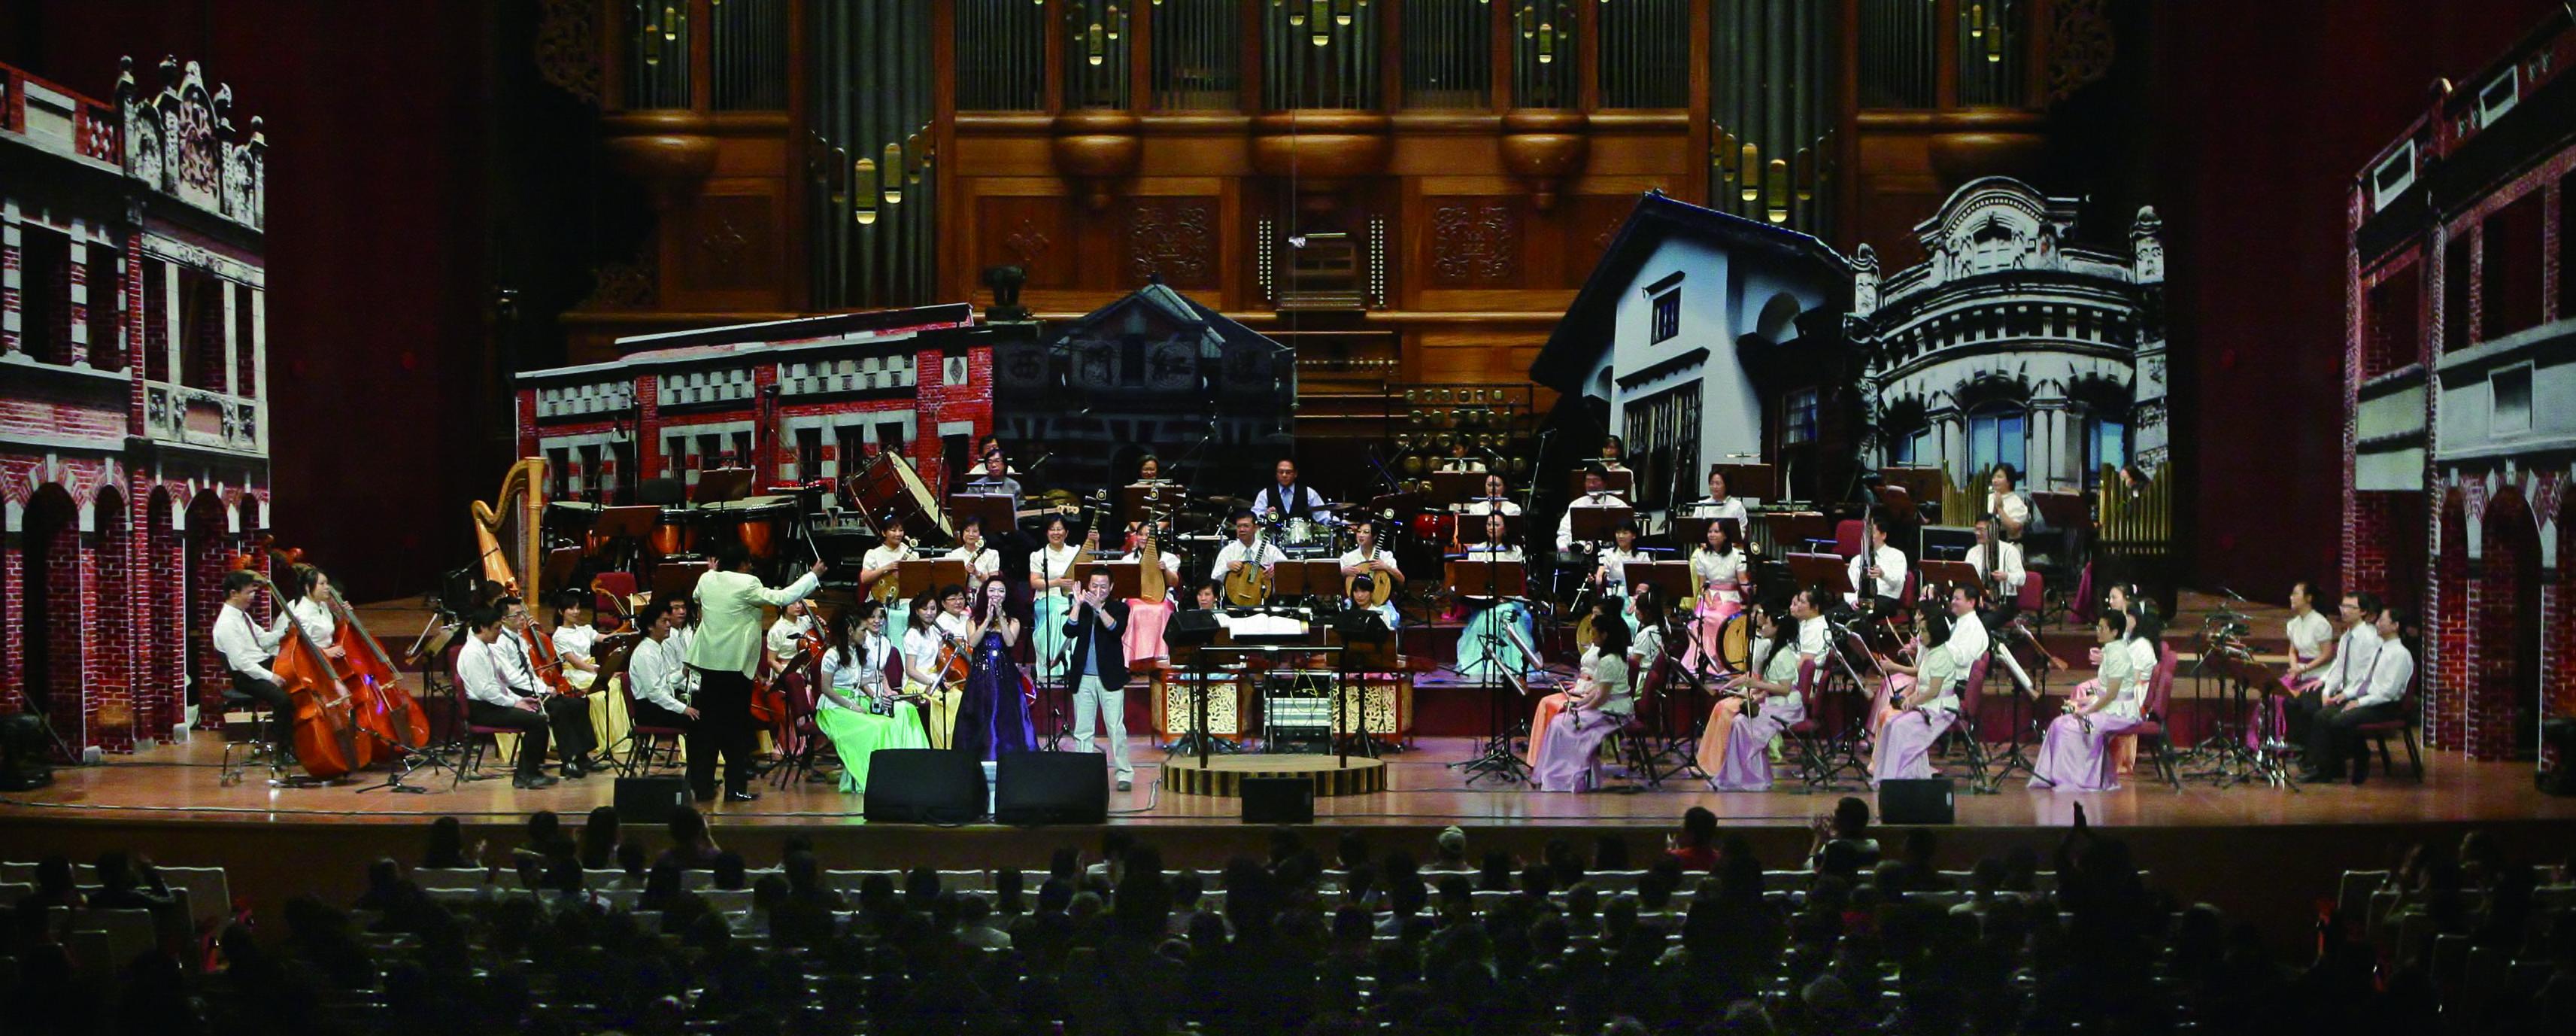 臺灣國樂團也嘗試用不同包裝與設計來豐富舞台的展演。.jpg